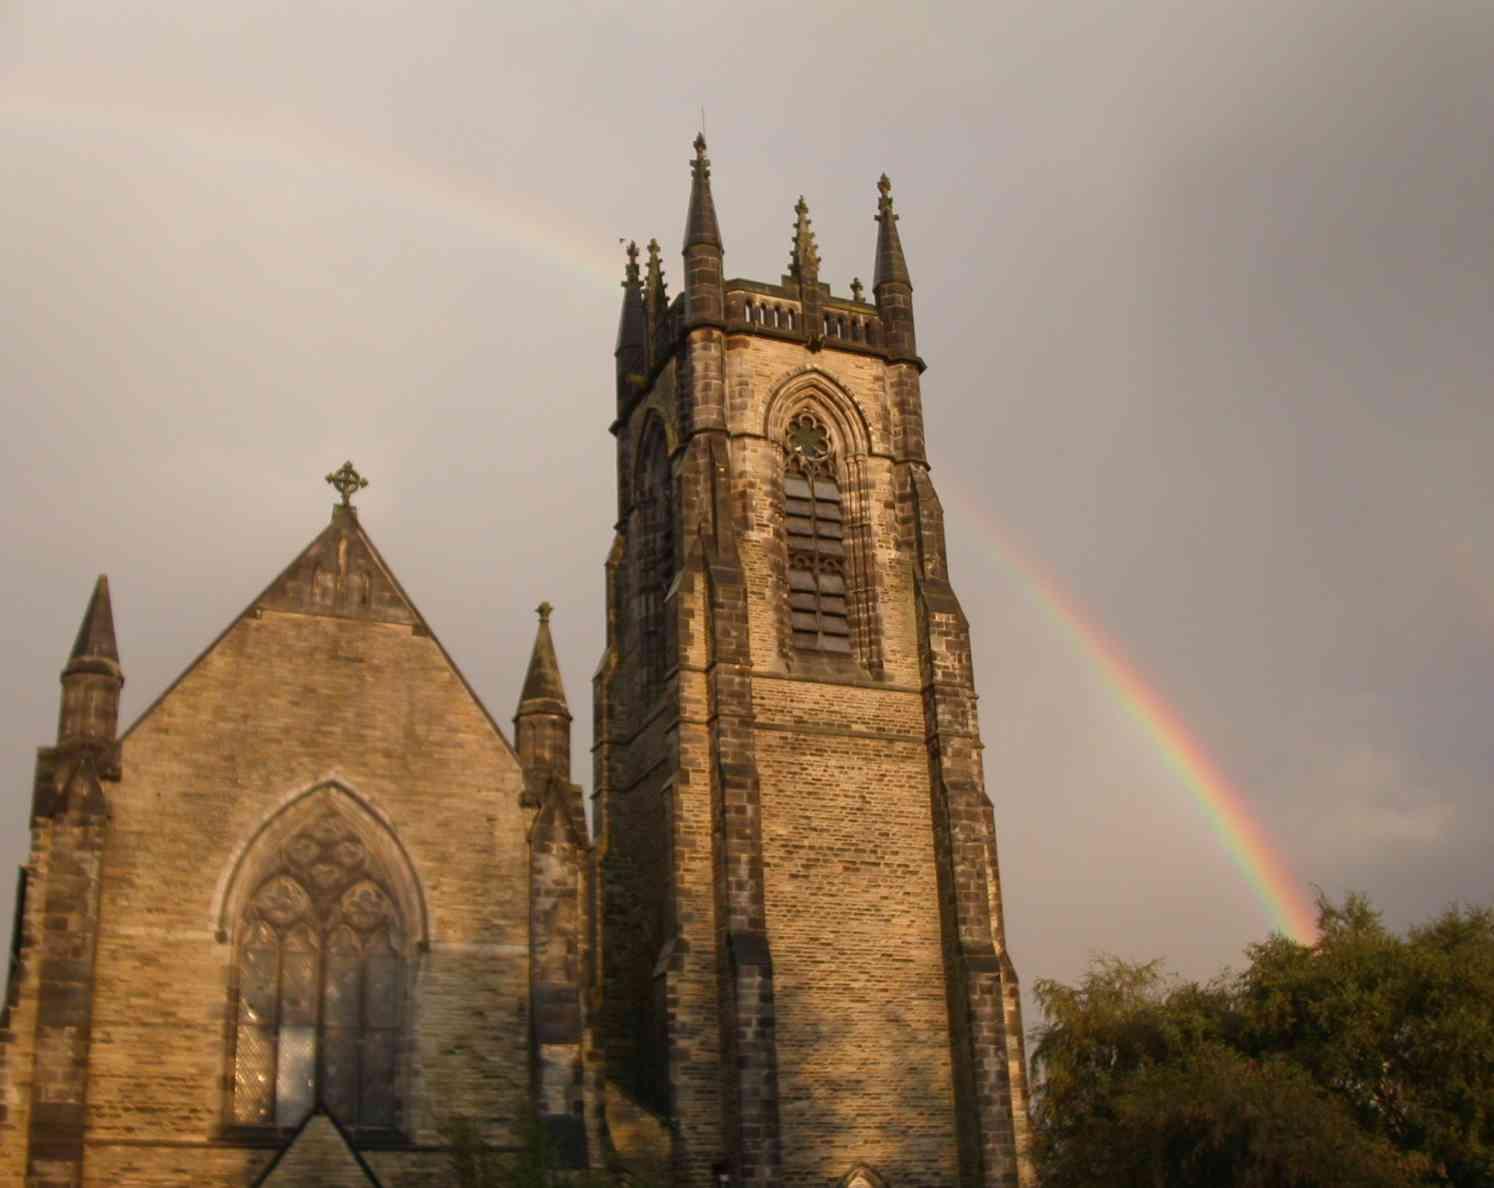 church near rainbow